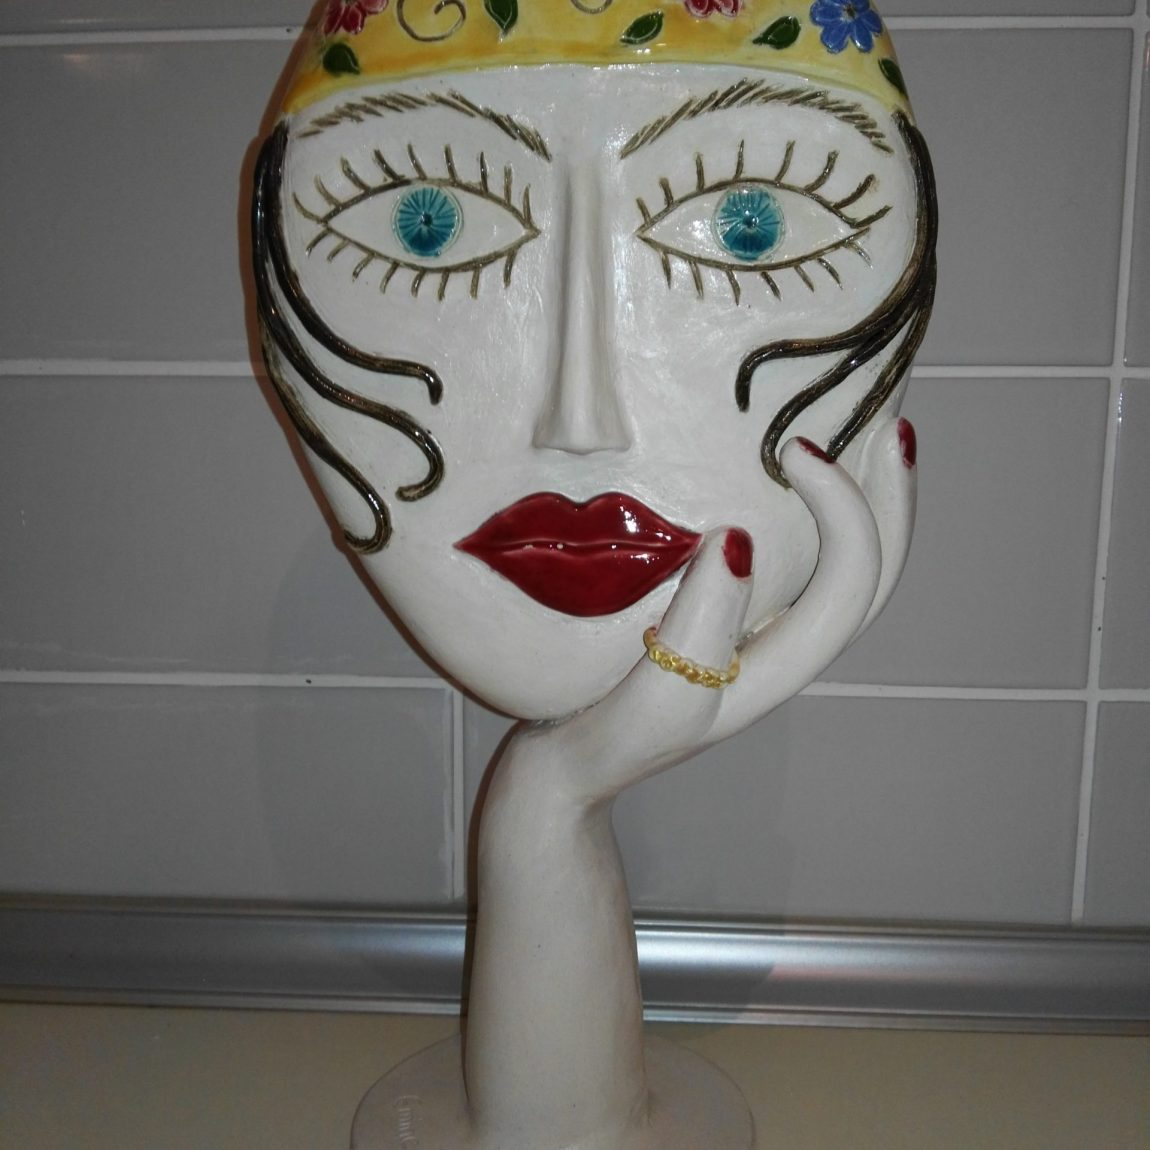 Emine Kumaş - Eser Adı: Çingene Kızı Teknik: Beyaz çamur , elle şekillendirme , sırlı seramik heykel Ölçü: Y: 36 cm Alt taban :15 cm Fiyat : 530 TL